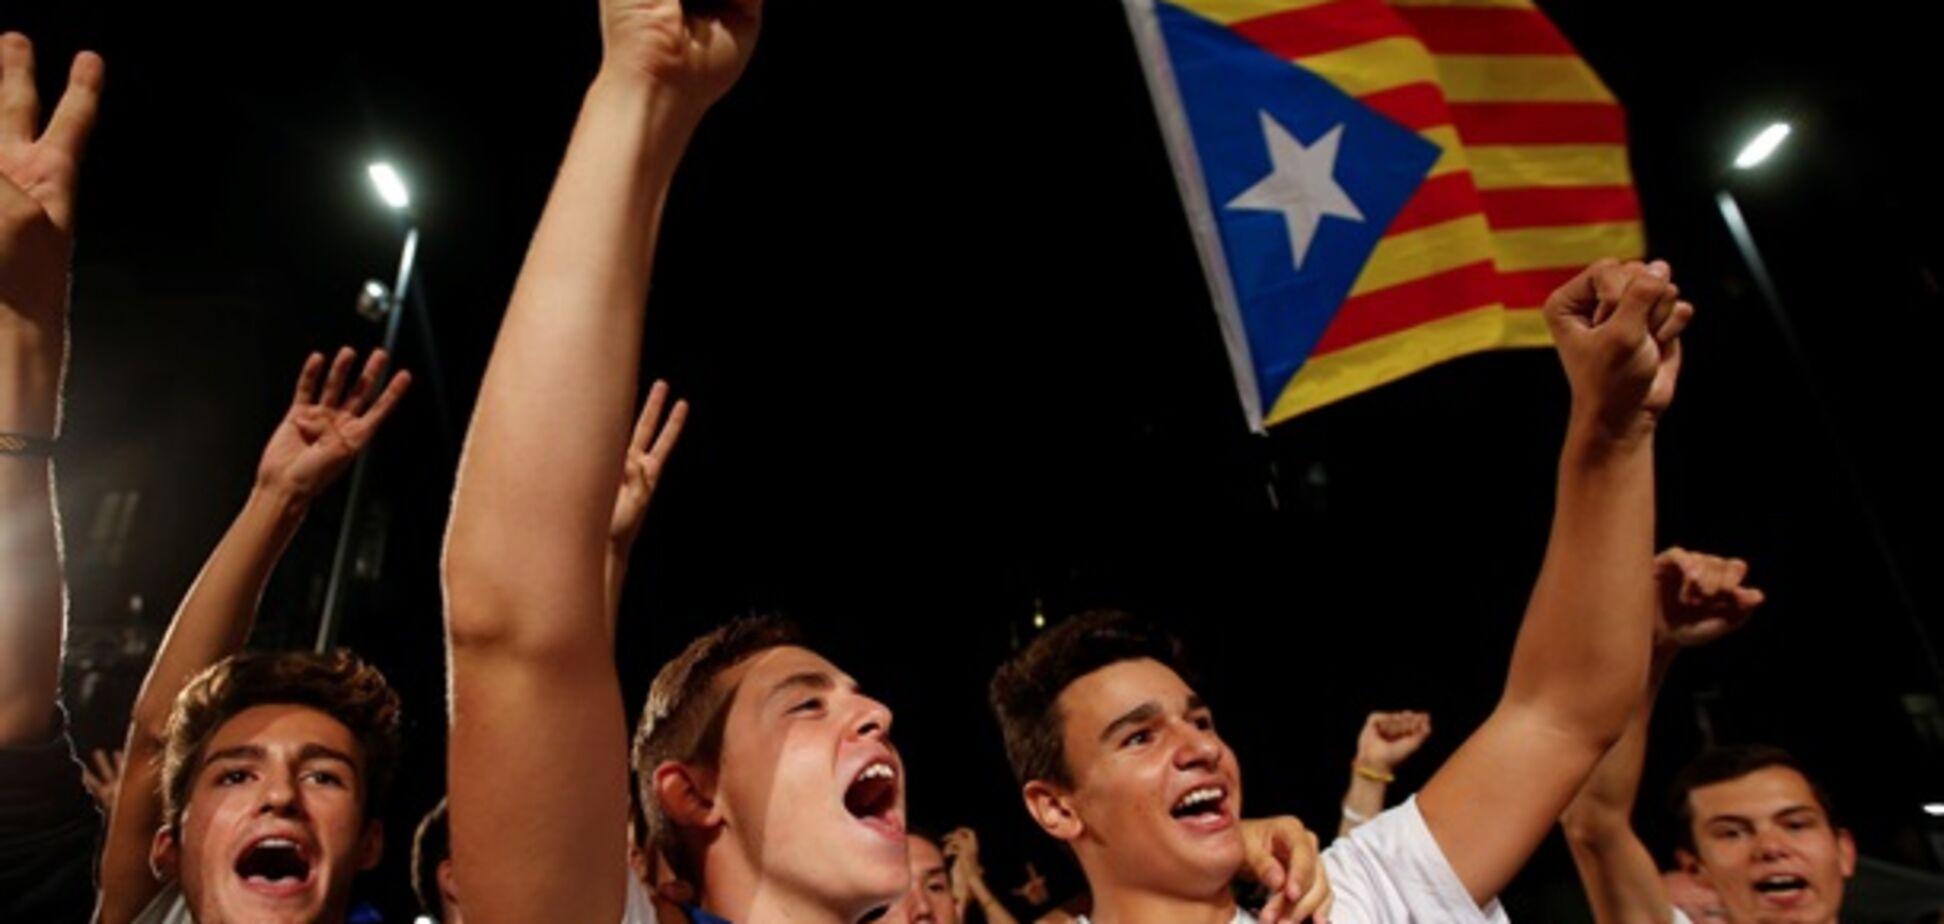 Сепаратисты в Каталонии